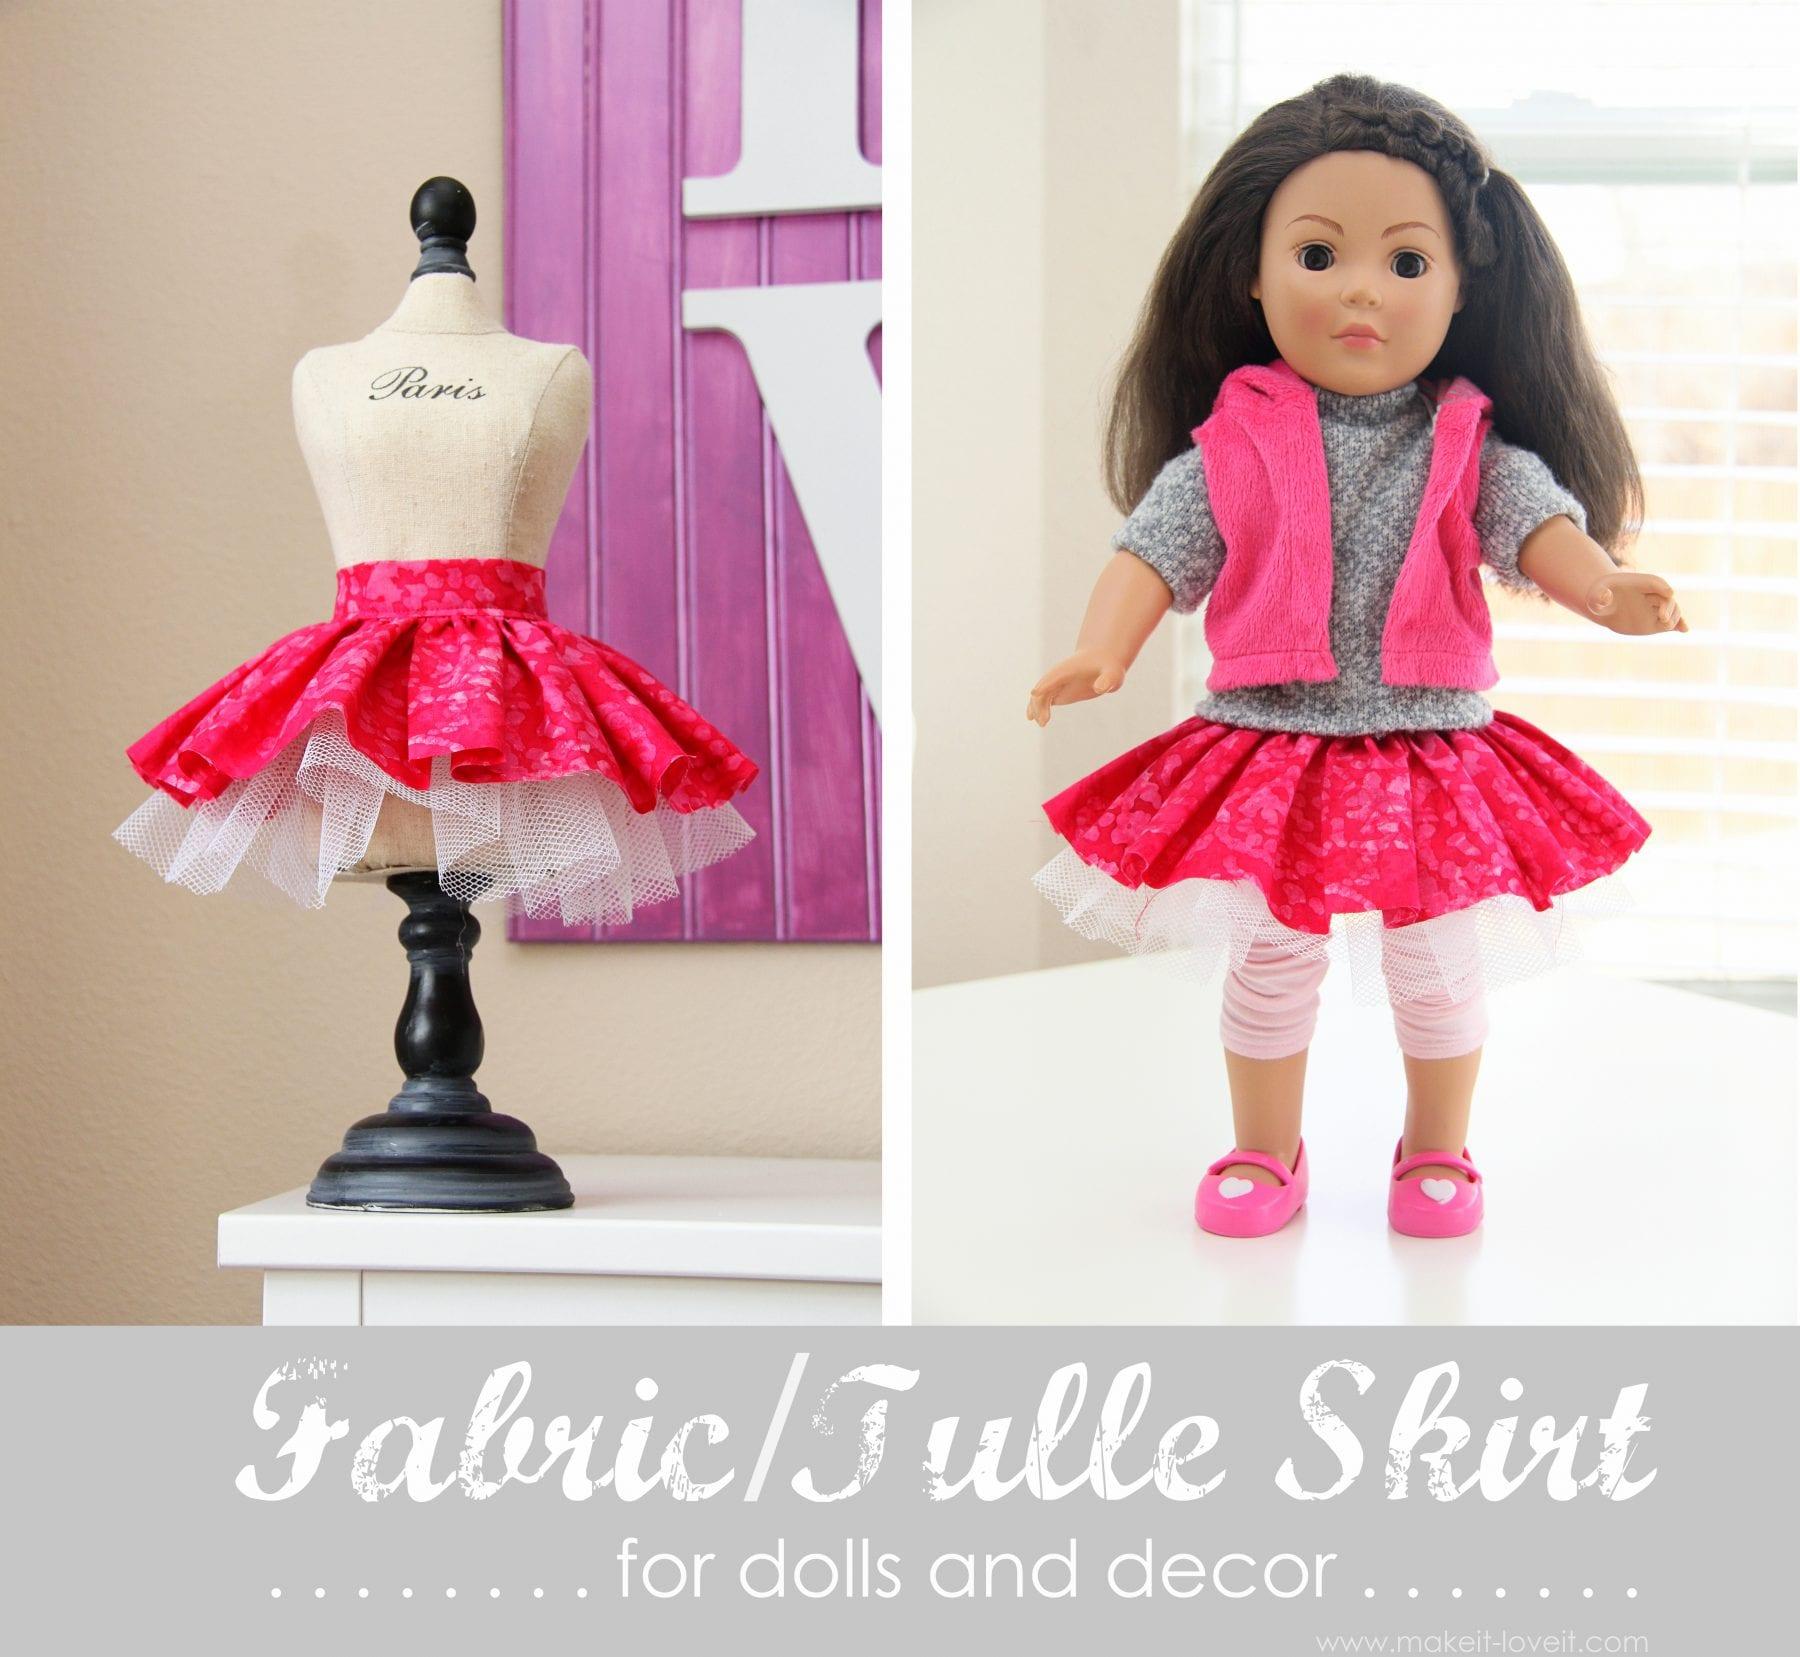 Юбка на куклу сшить своими руками